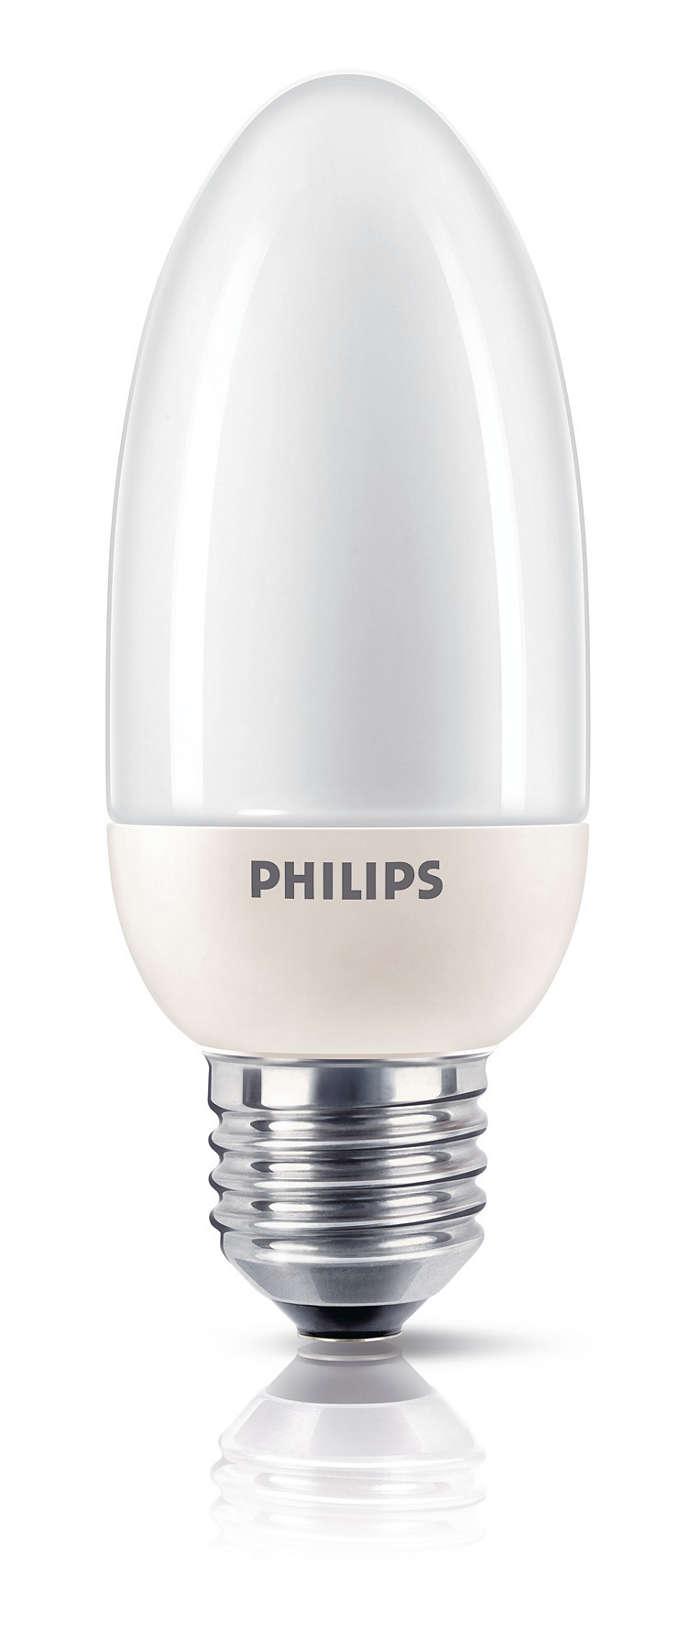 Yumuşak ve rahatsız etmeyen enerji tasarrufu lamba